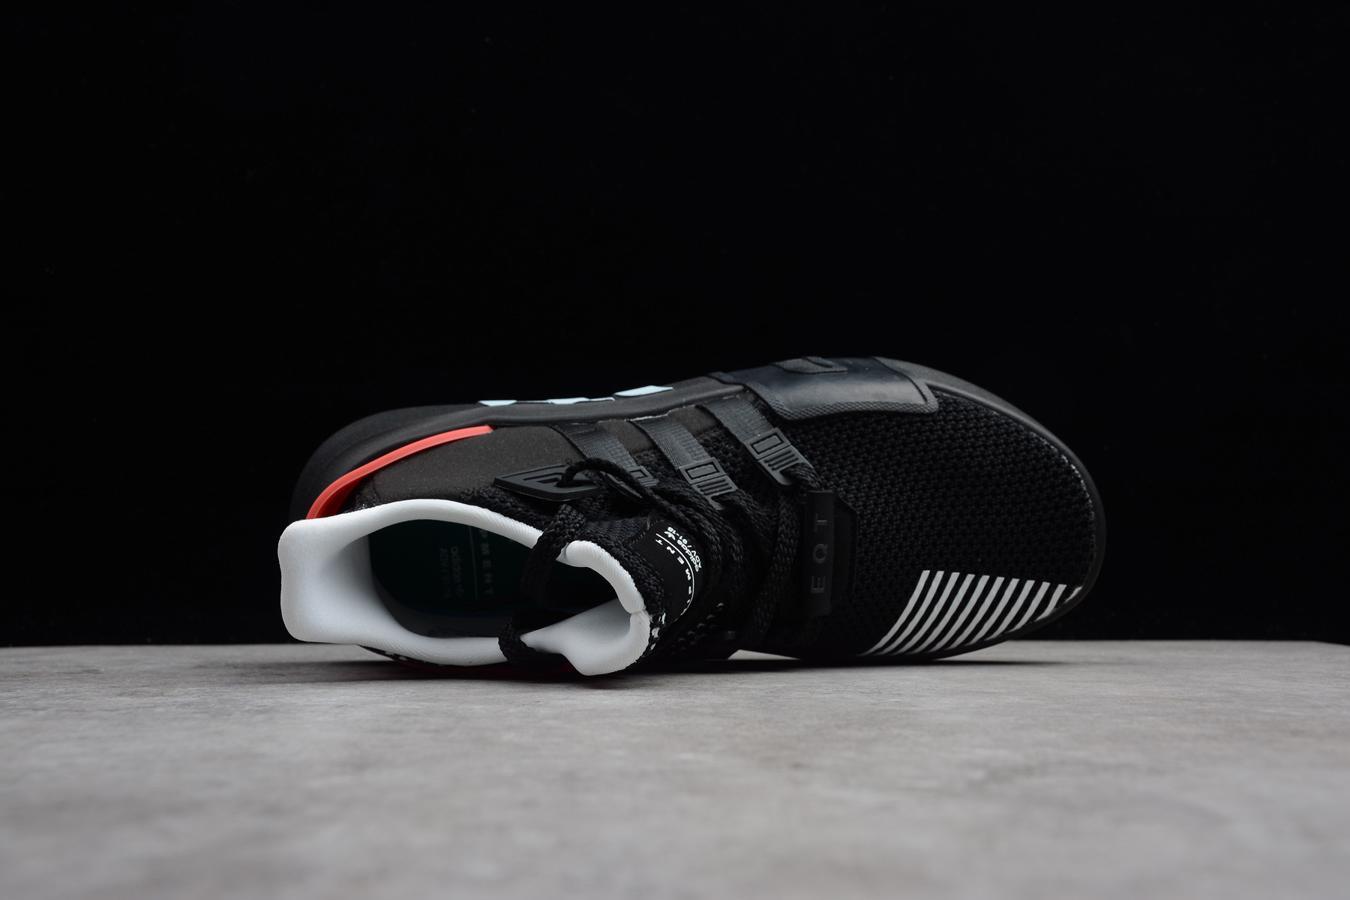 adidas EQT Bask ADV Black Red 3